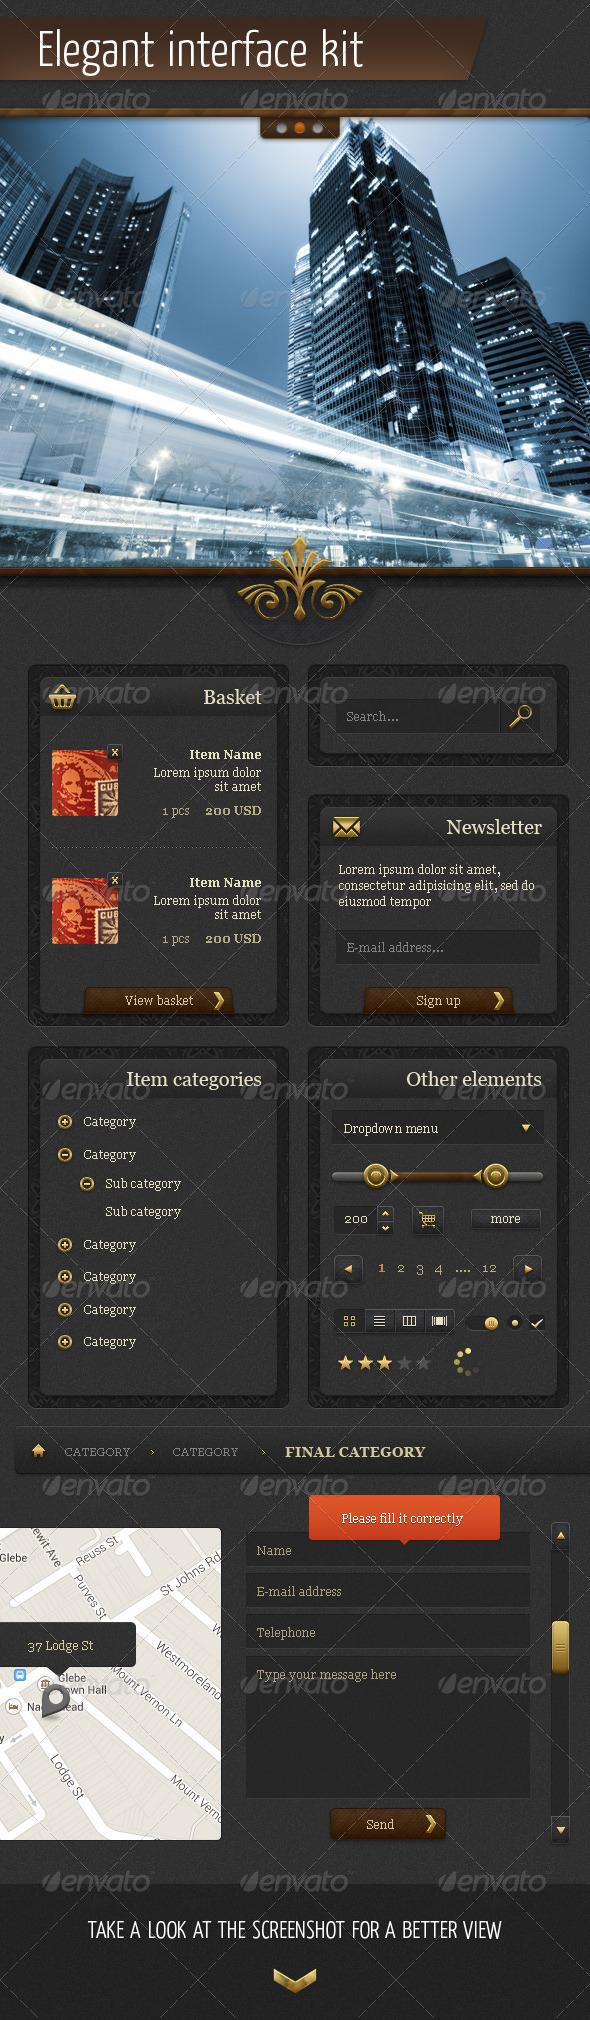 Elegant UI Kit Classic Version